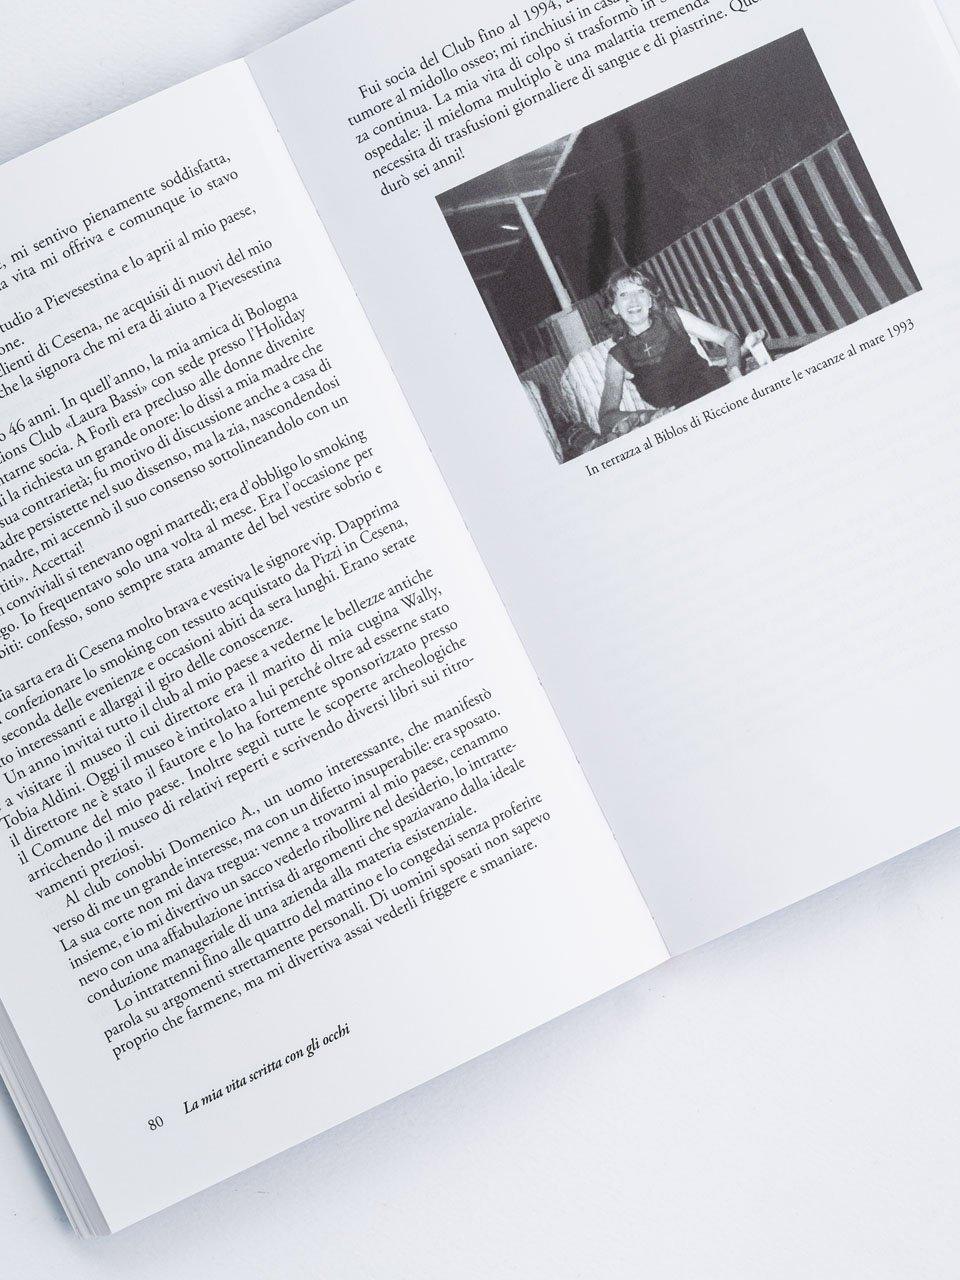 La mia vita scritta con gli occhi - Libri - Erickson 2